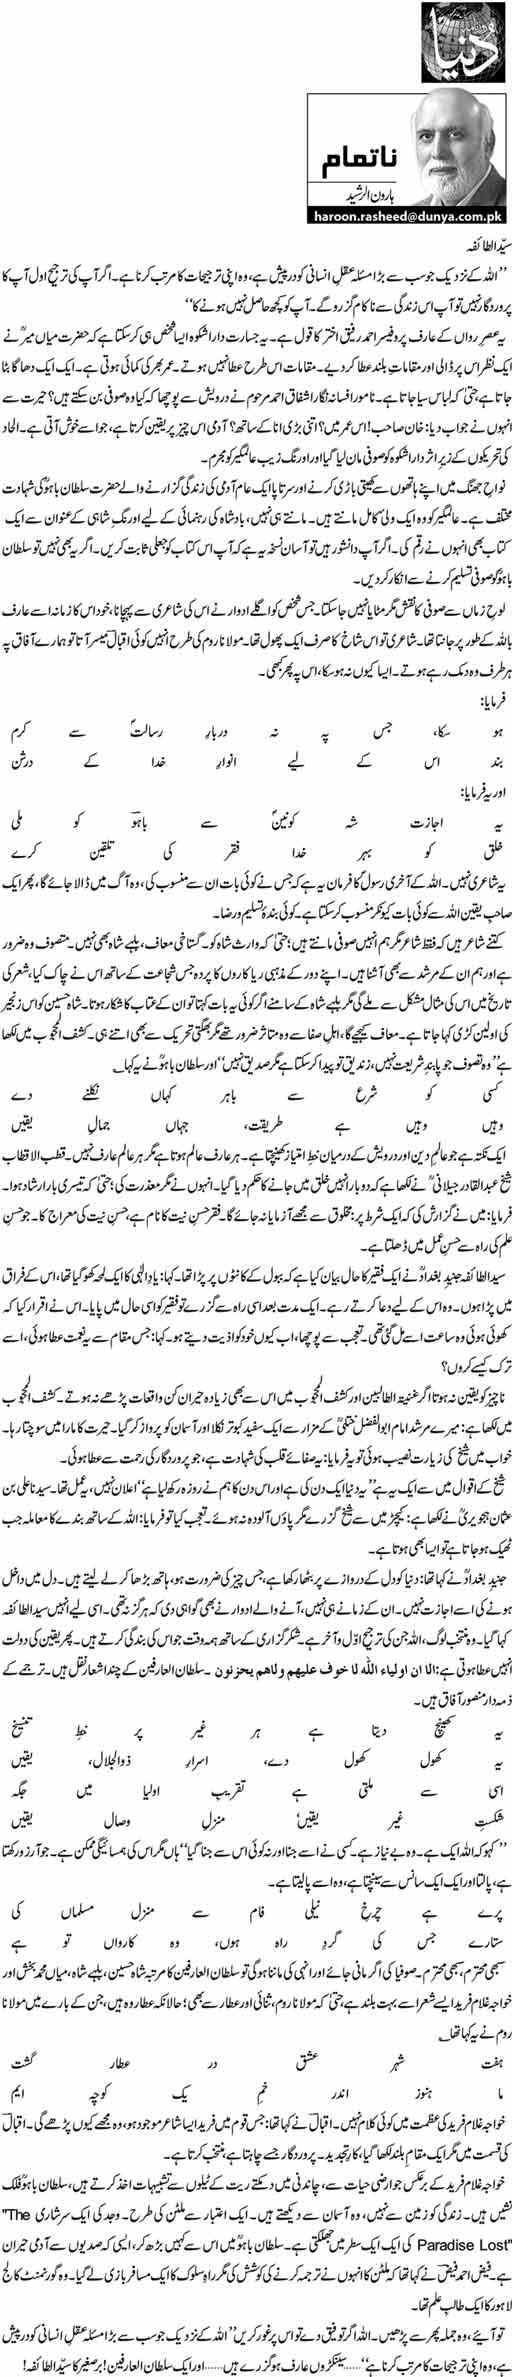 Syed ul Taifa - Haroon ur Rasheed